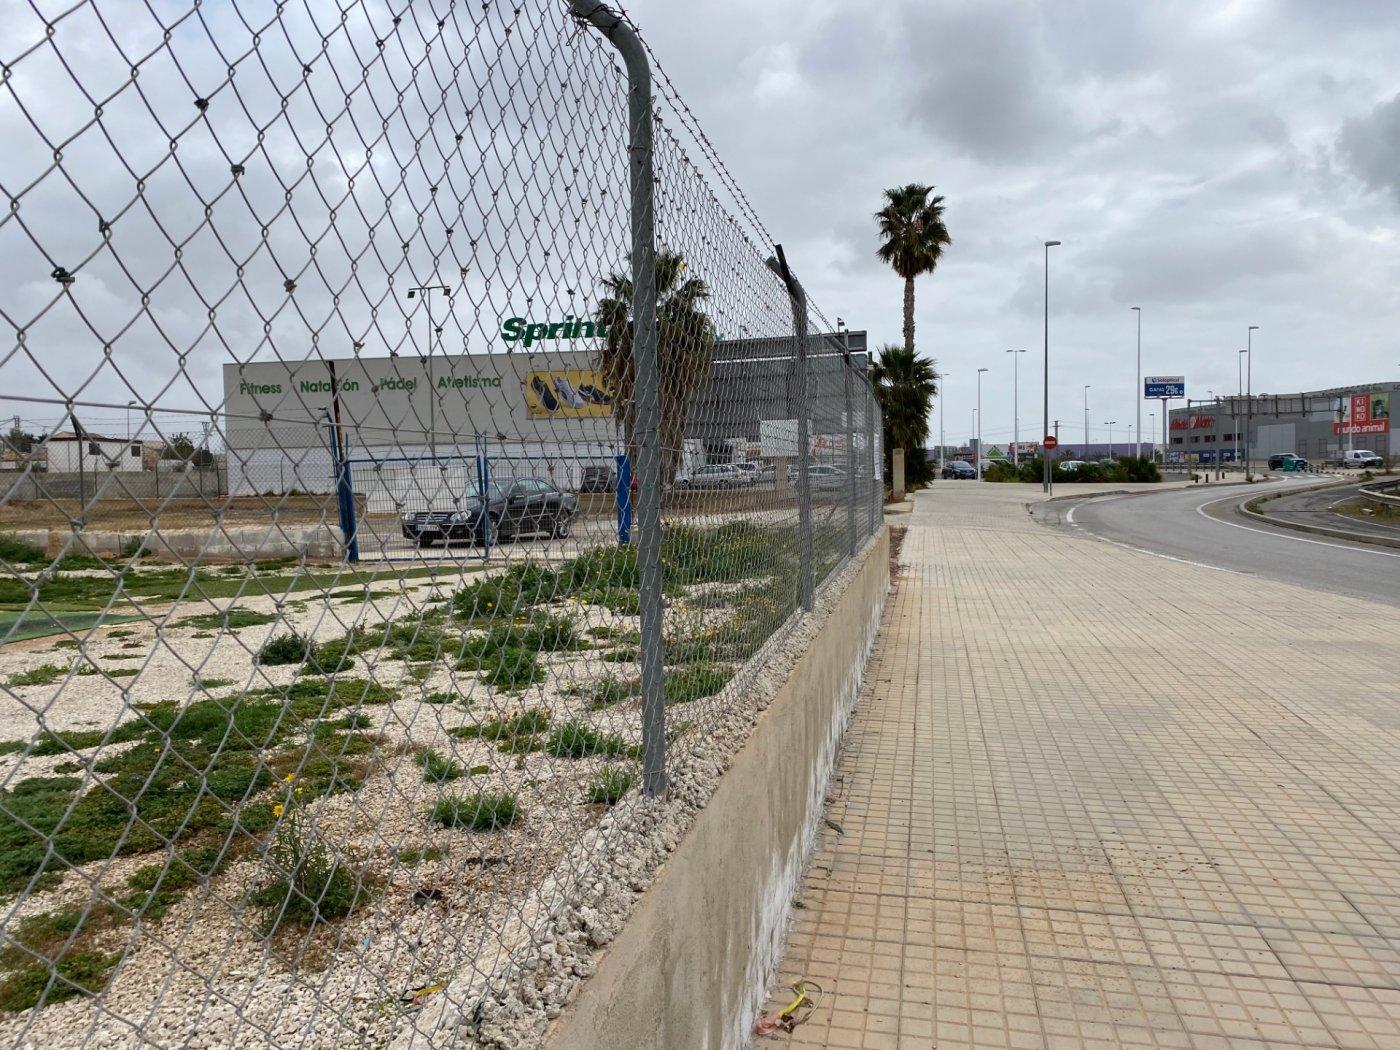 terreno-industrial en elche · carrus 6000€